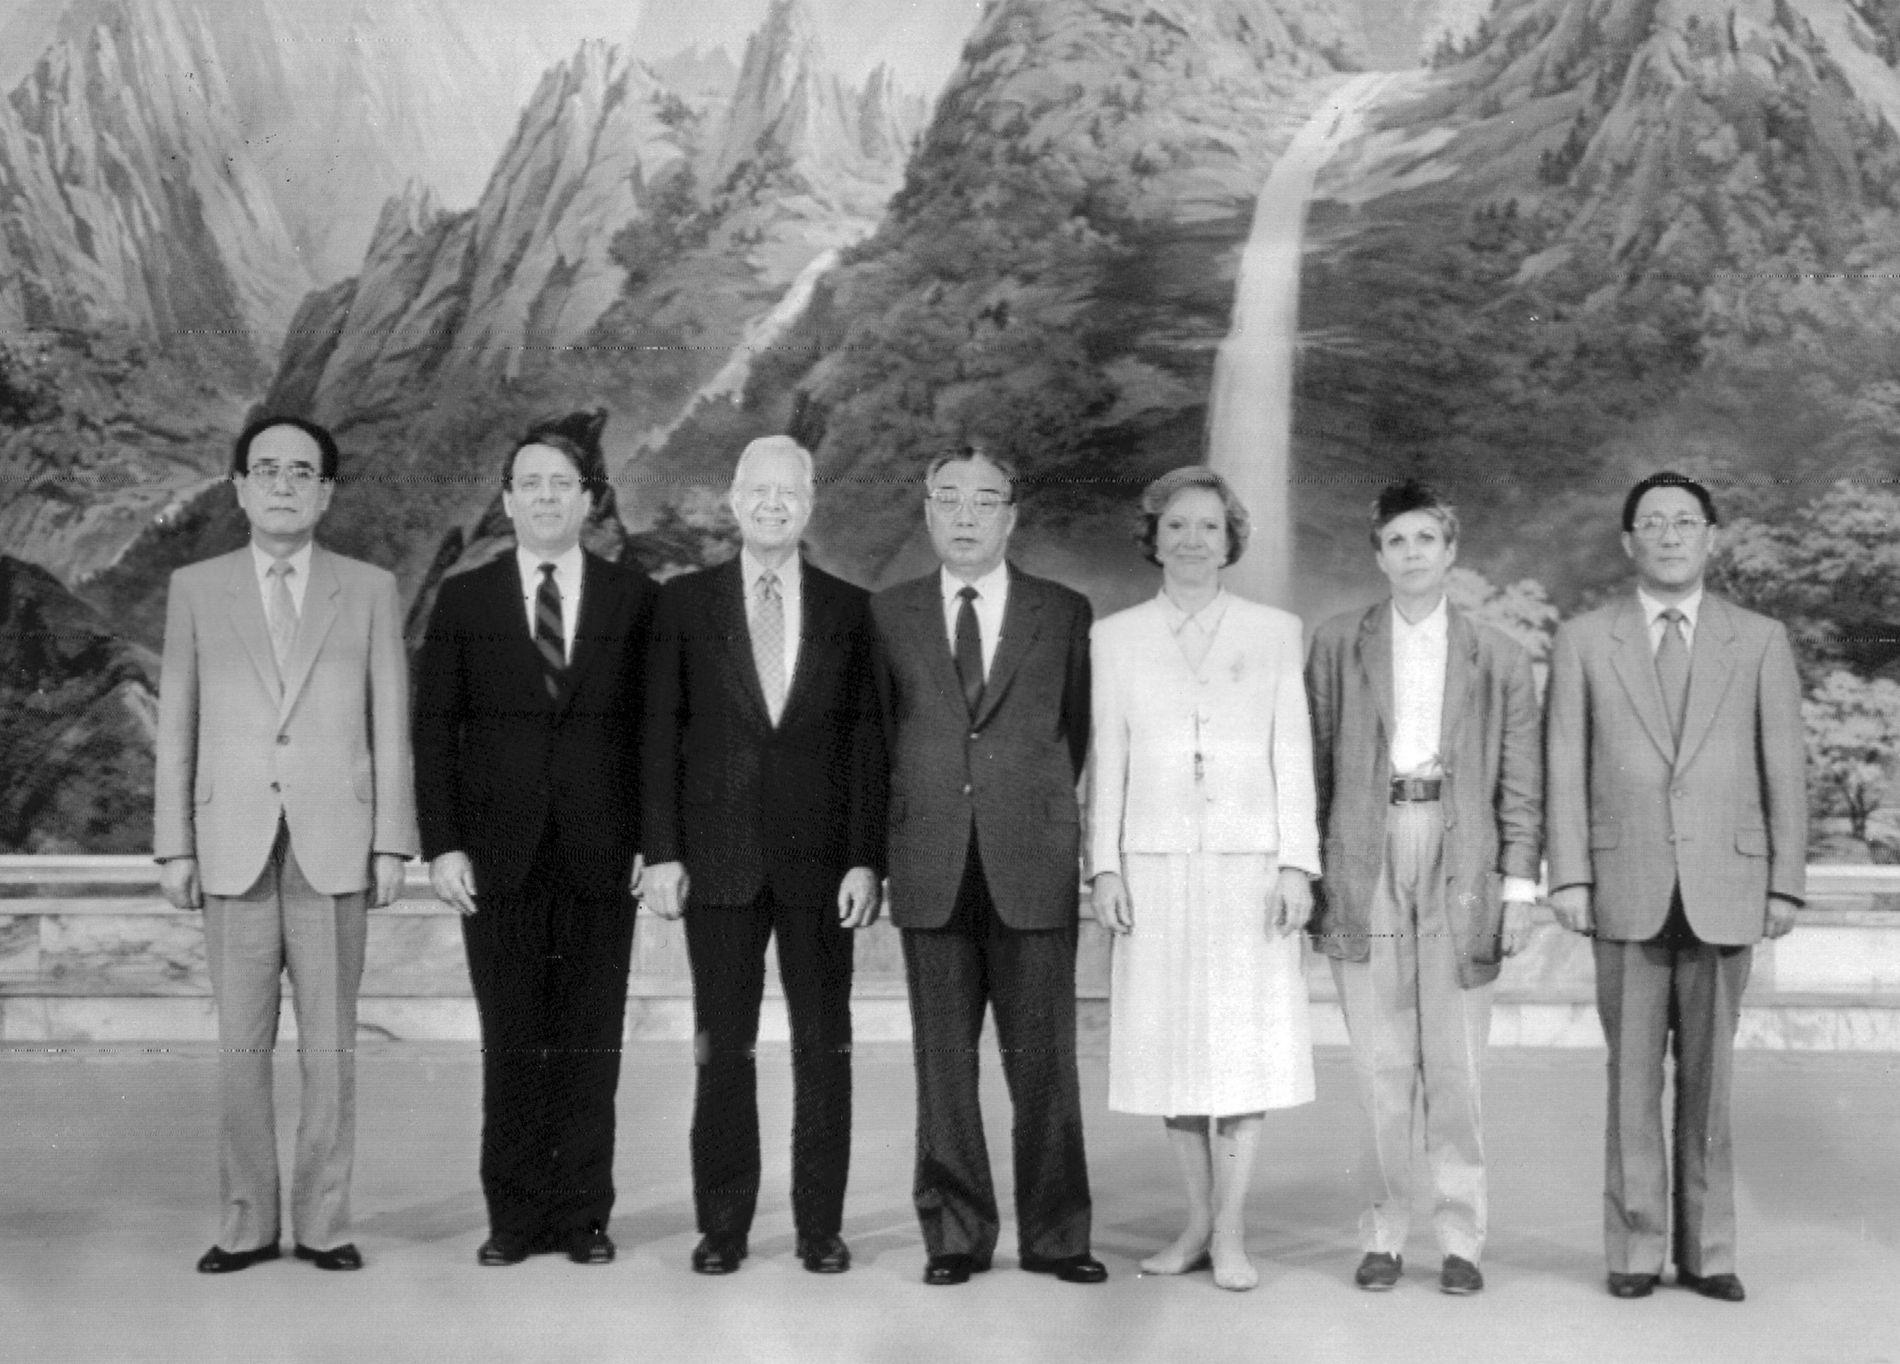 HISTORISK: I 1994 ble det også holdt et historisk møte mellom Nord-Korea og USA, men avtalen fra den gang ble aldri gjennomført.